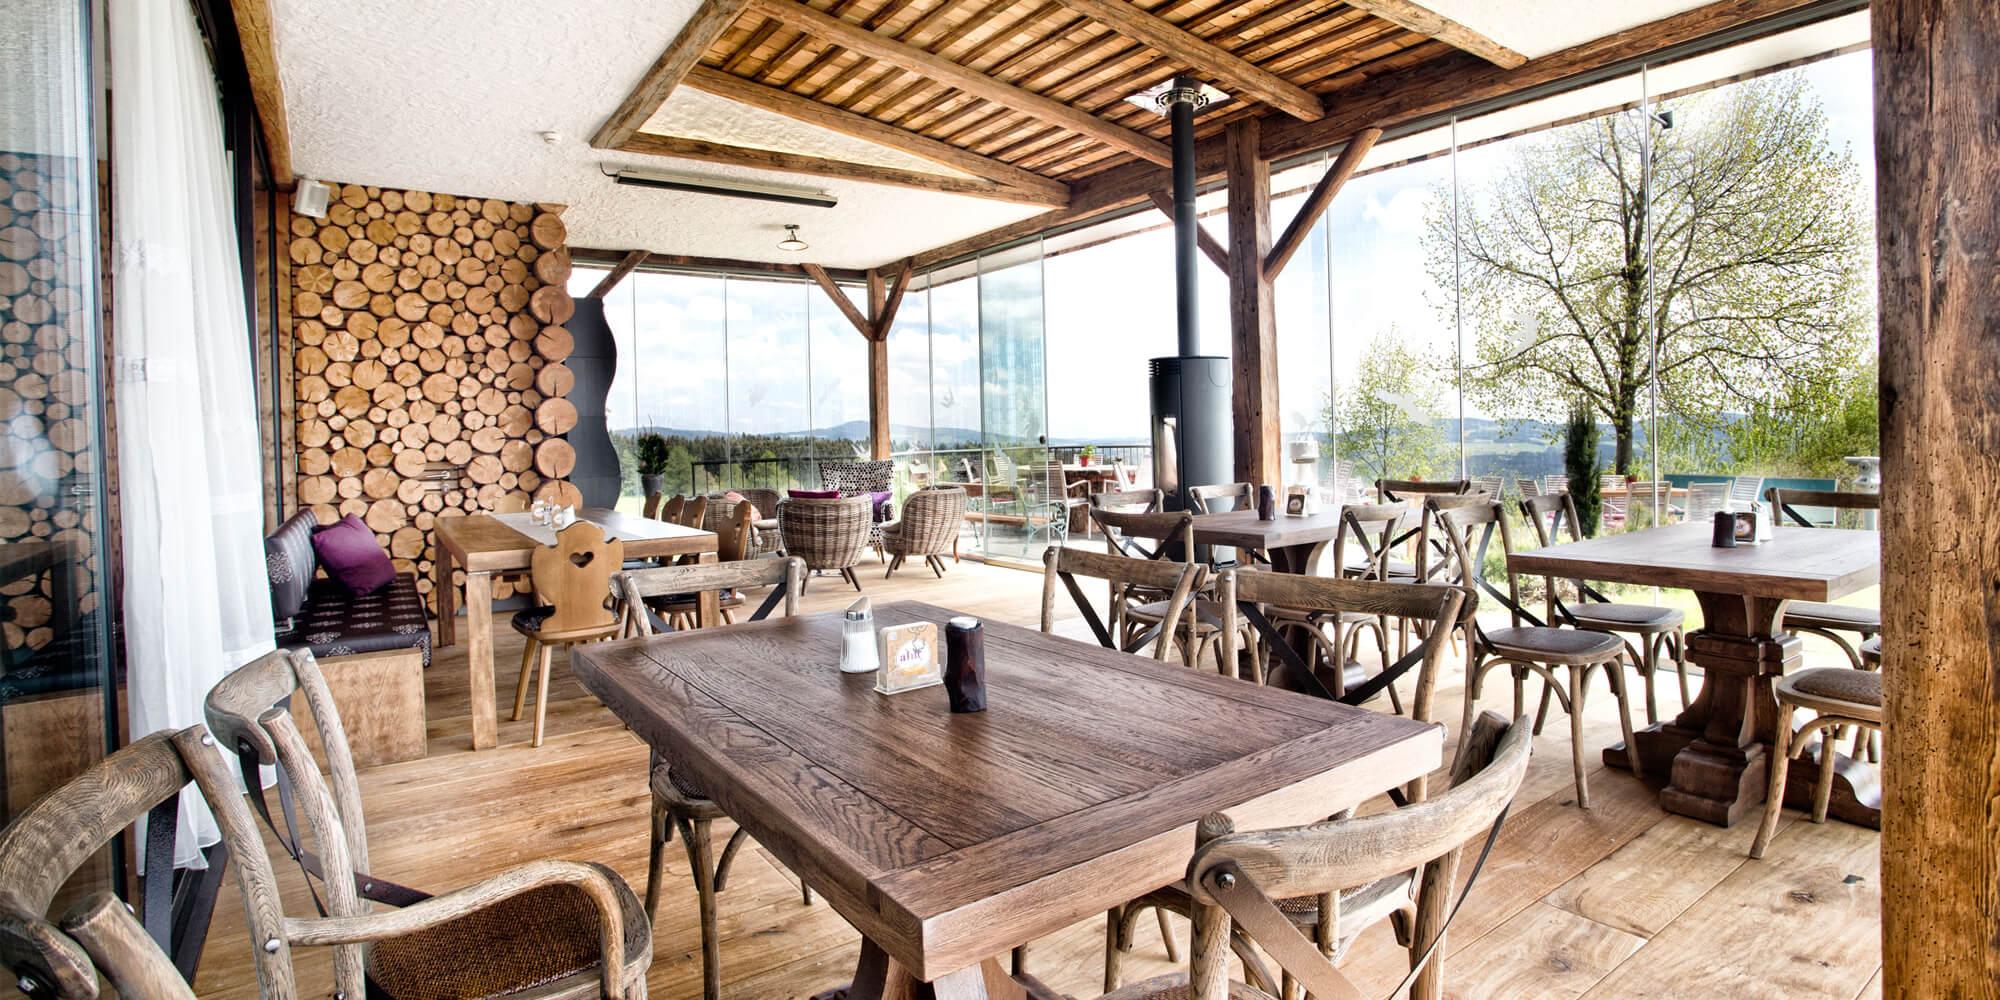 Crea-Plan-Design-Rauch-Frühmann-Architektur-Innenarchitektur-Design-Projekt-Referenz-Hotelerie-Gastronomie-AVIVA-Alm-3